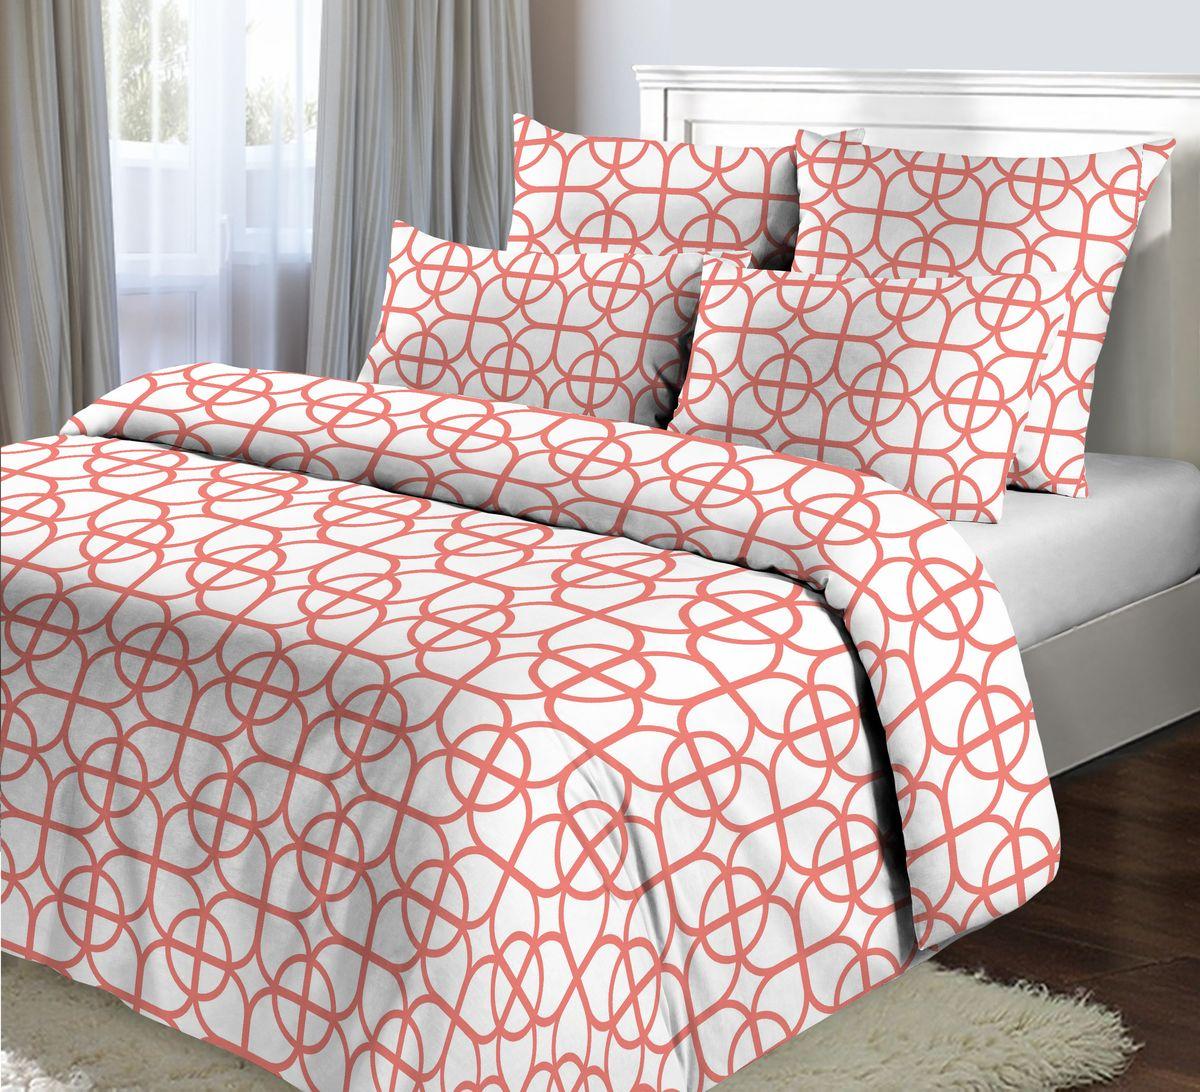 Комплект белья Коллекция Гео-1, 2-спальный, наволочки 70х70ОБК-2/70 5525.1